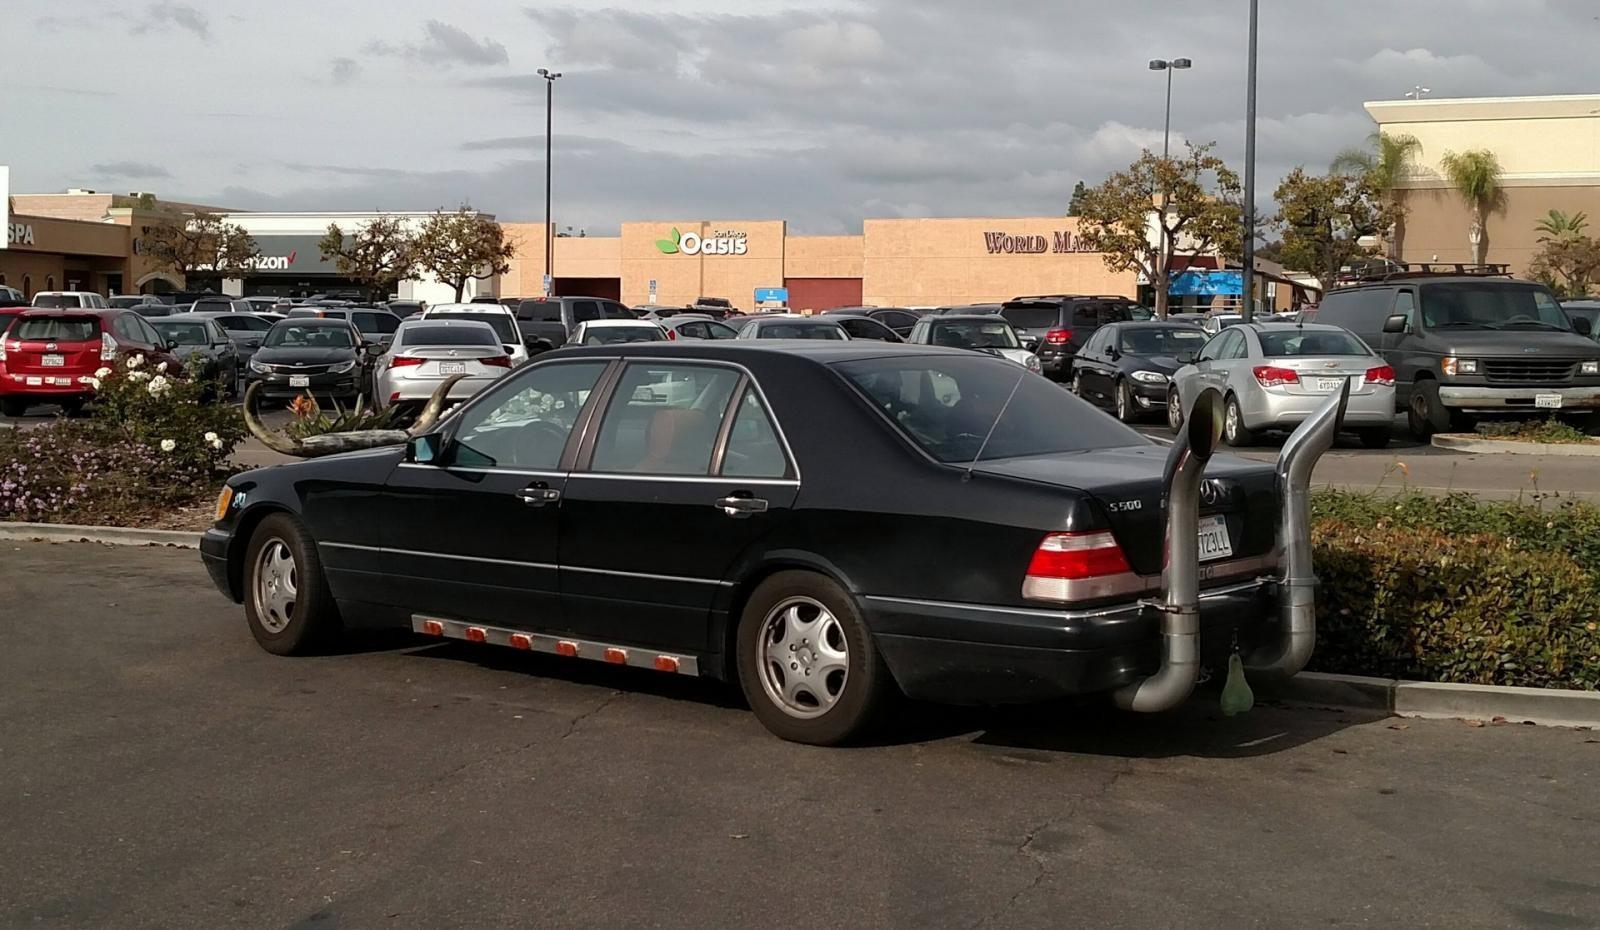 Bộ dạng của chiếc Mercedes S-Class cổ được độ xấu tệ hại